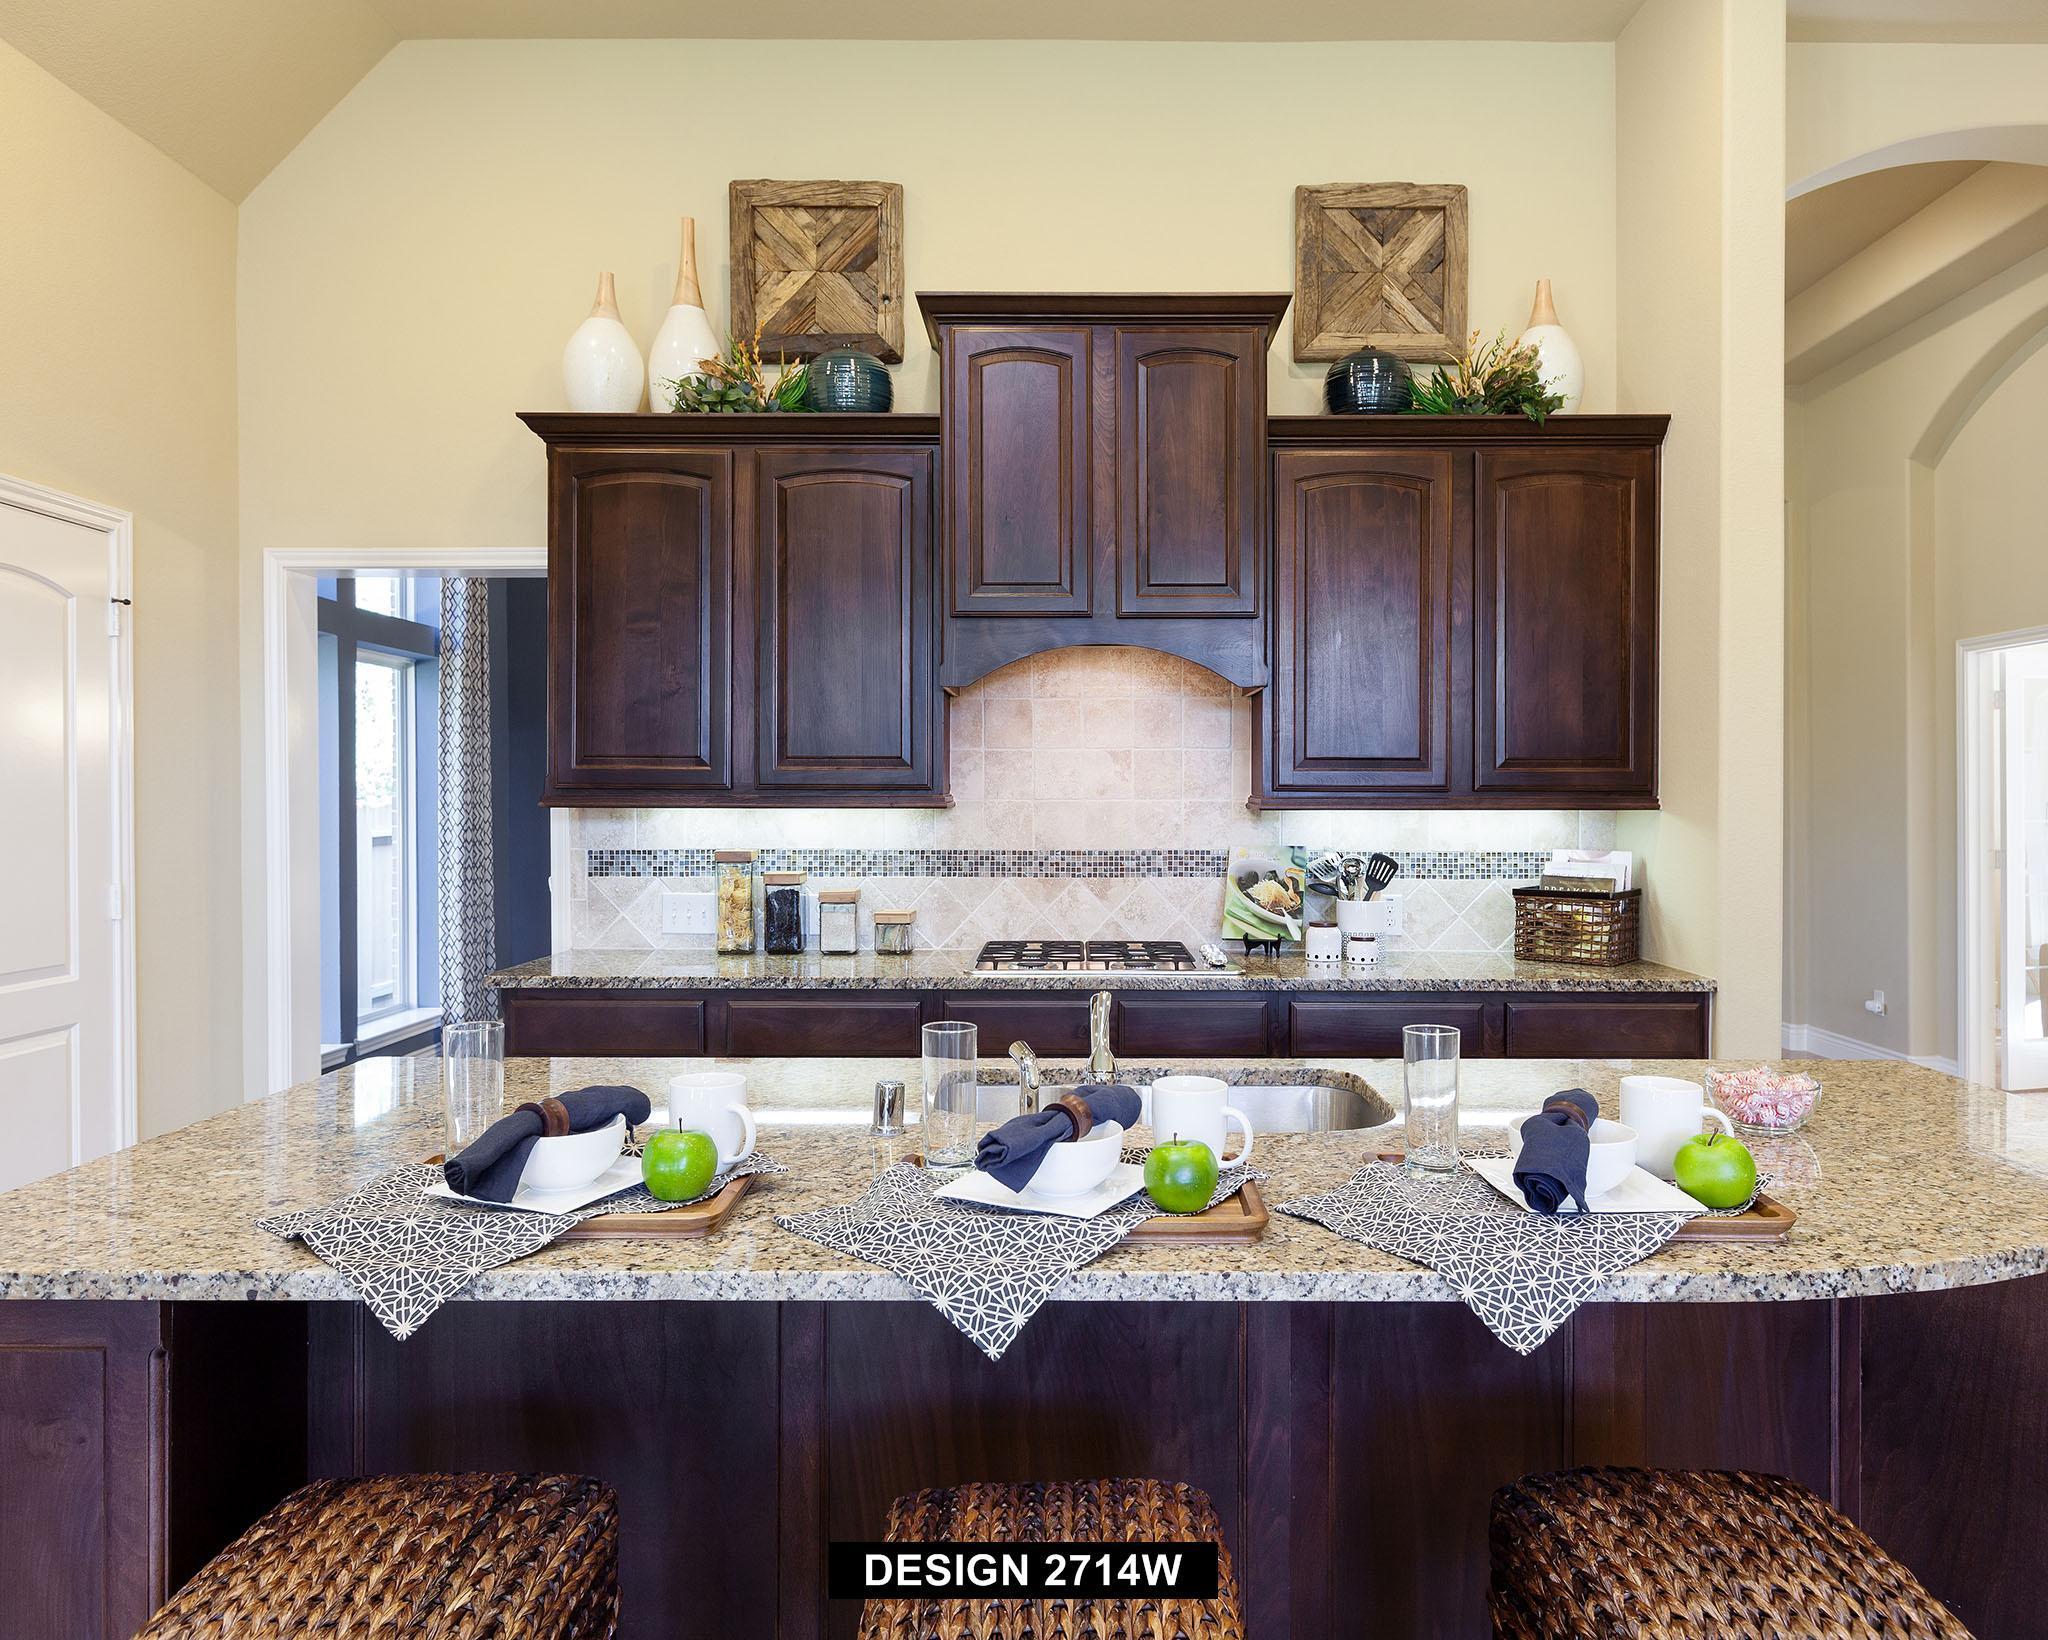 Kitchen-in-2714W-at-Pomona 55'-in-Manvel